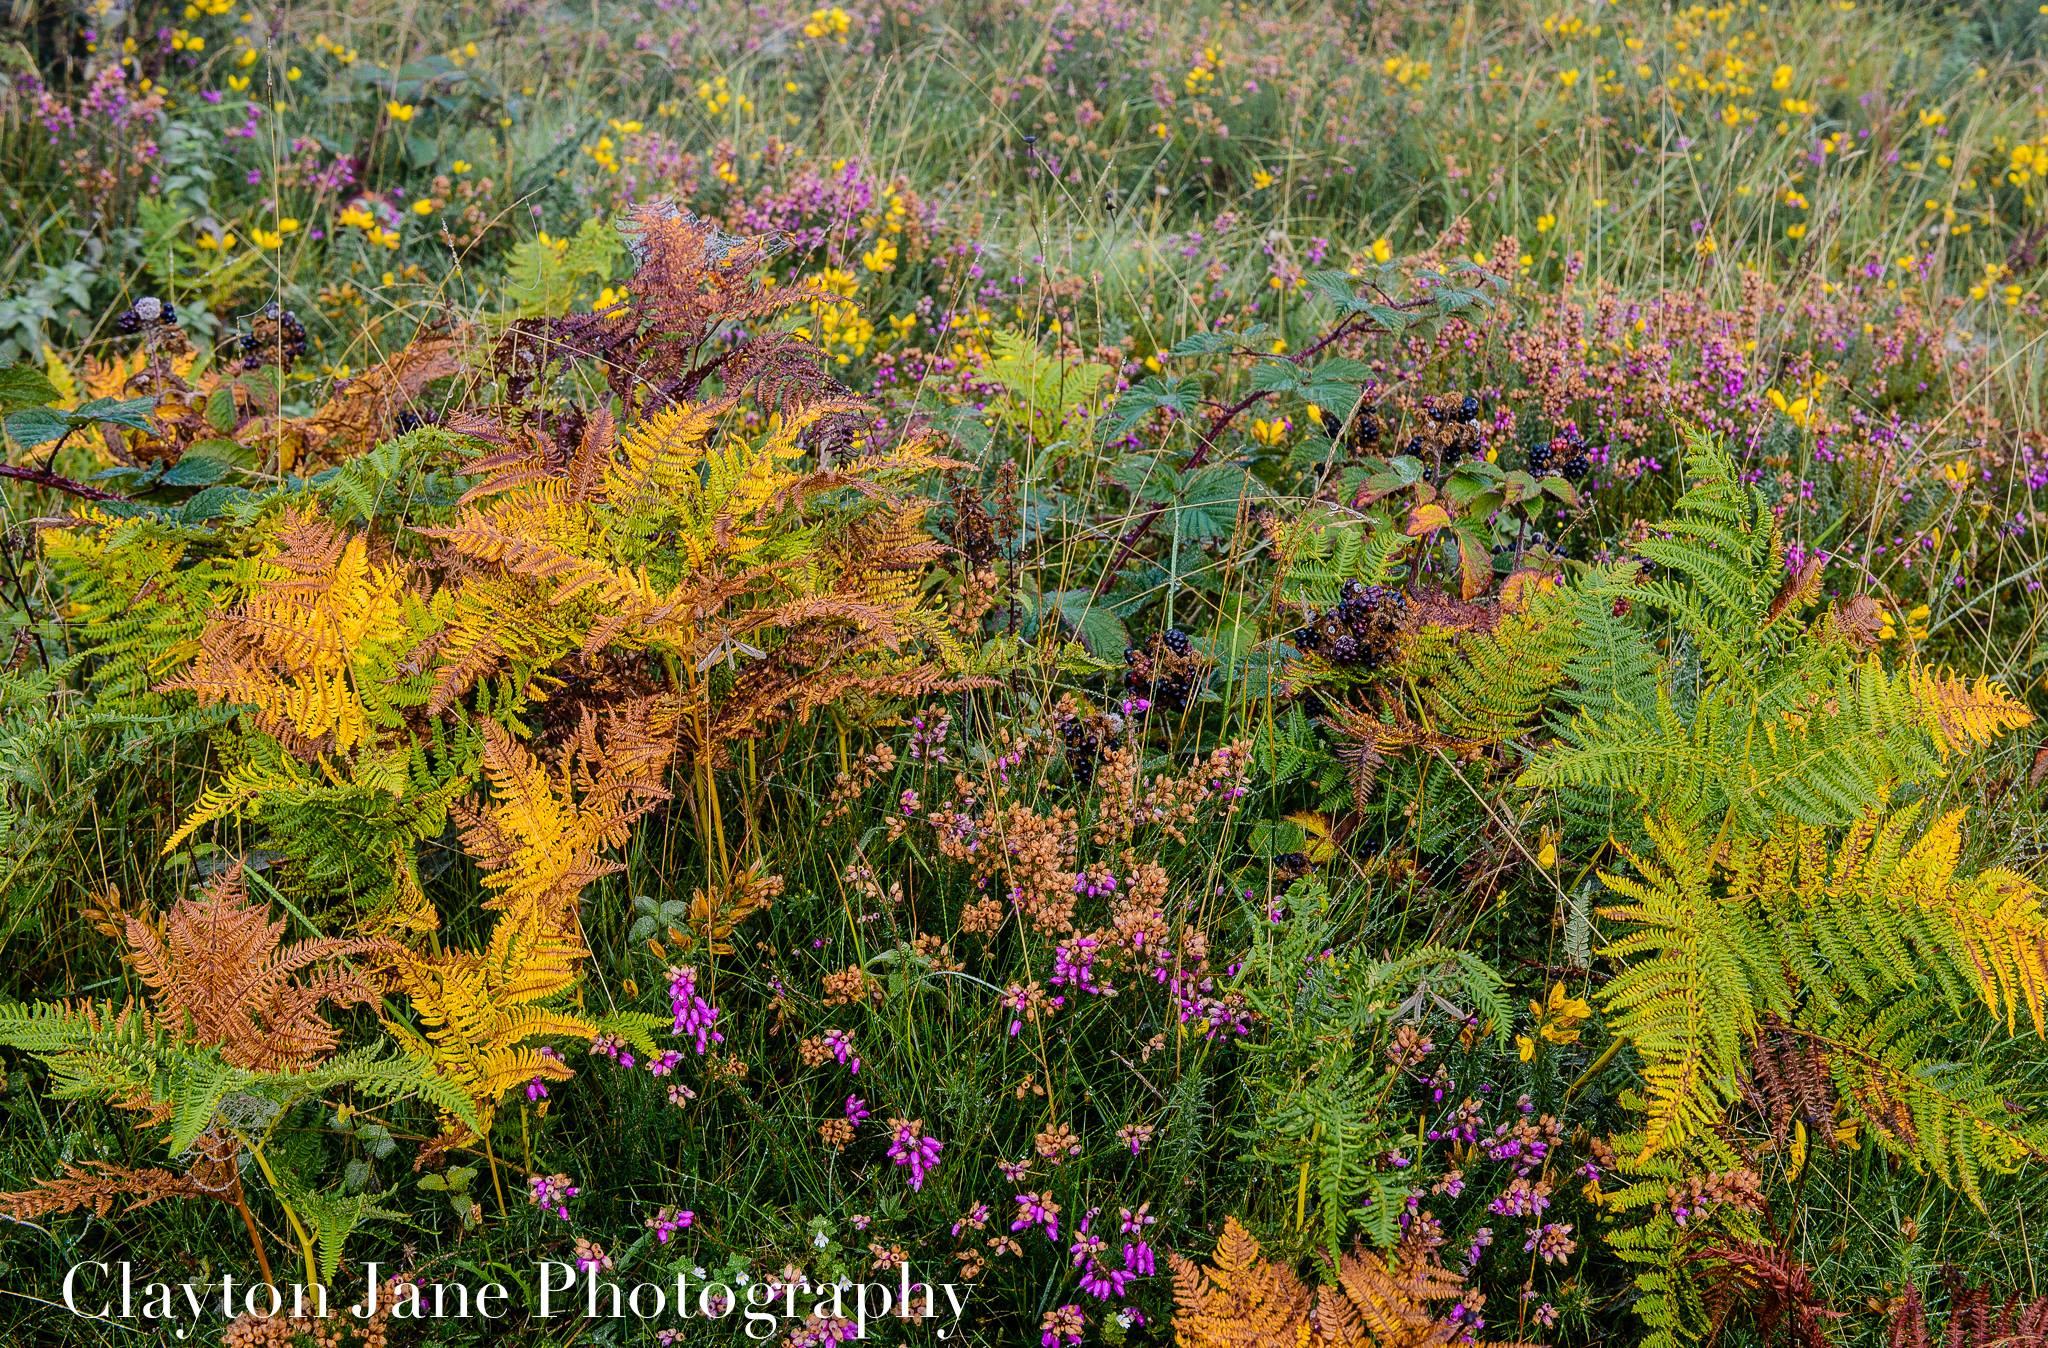 Photo by Clayton Jane www.claytonjane.co.uk